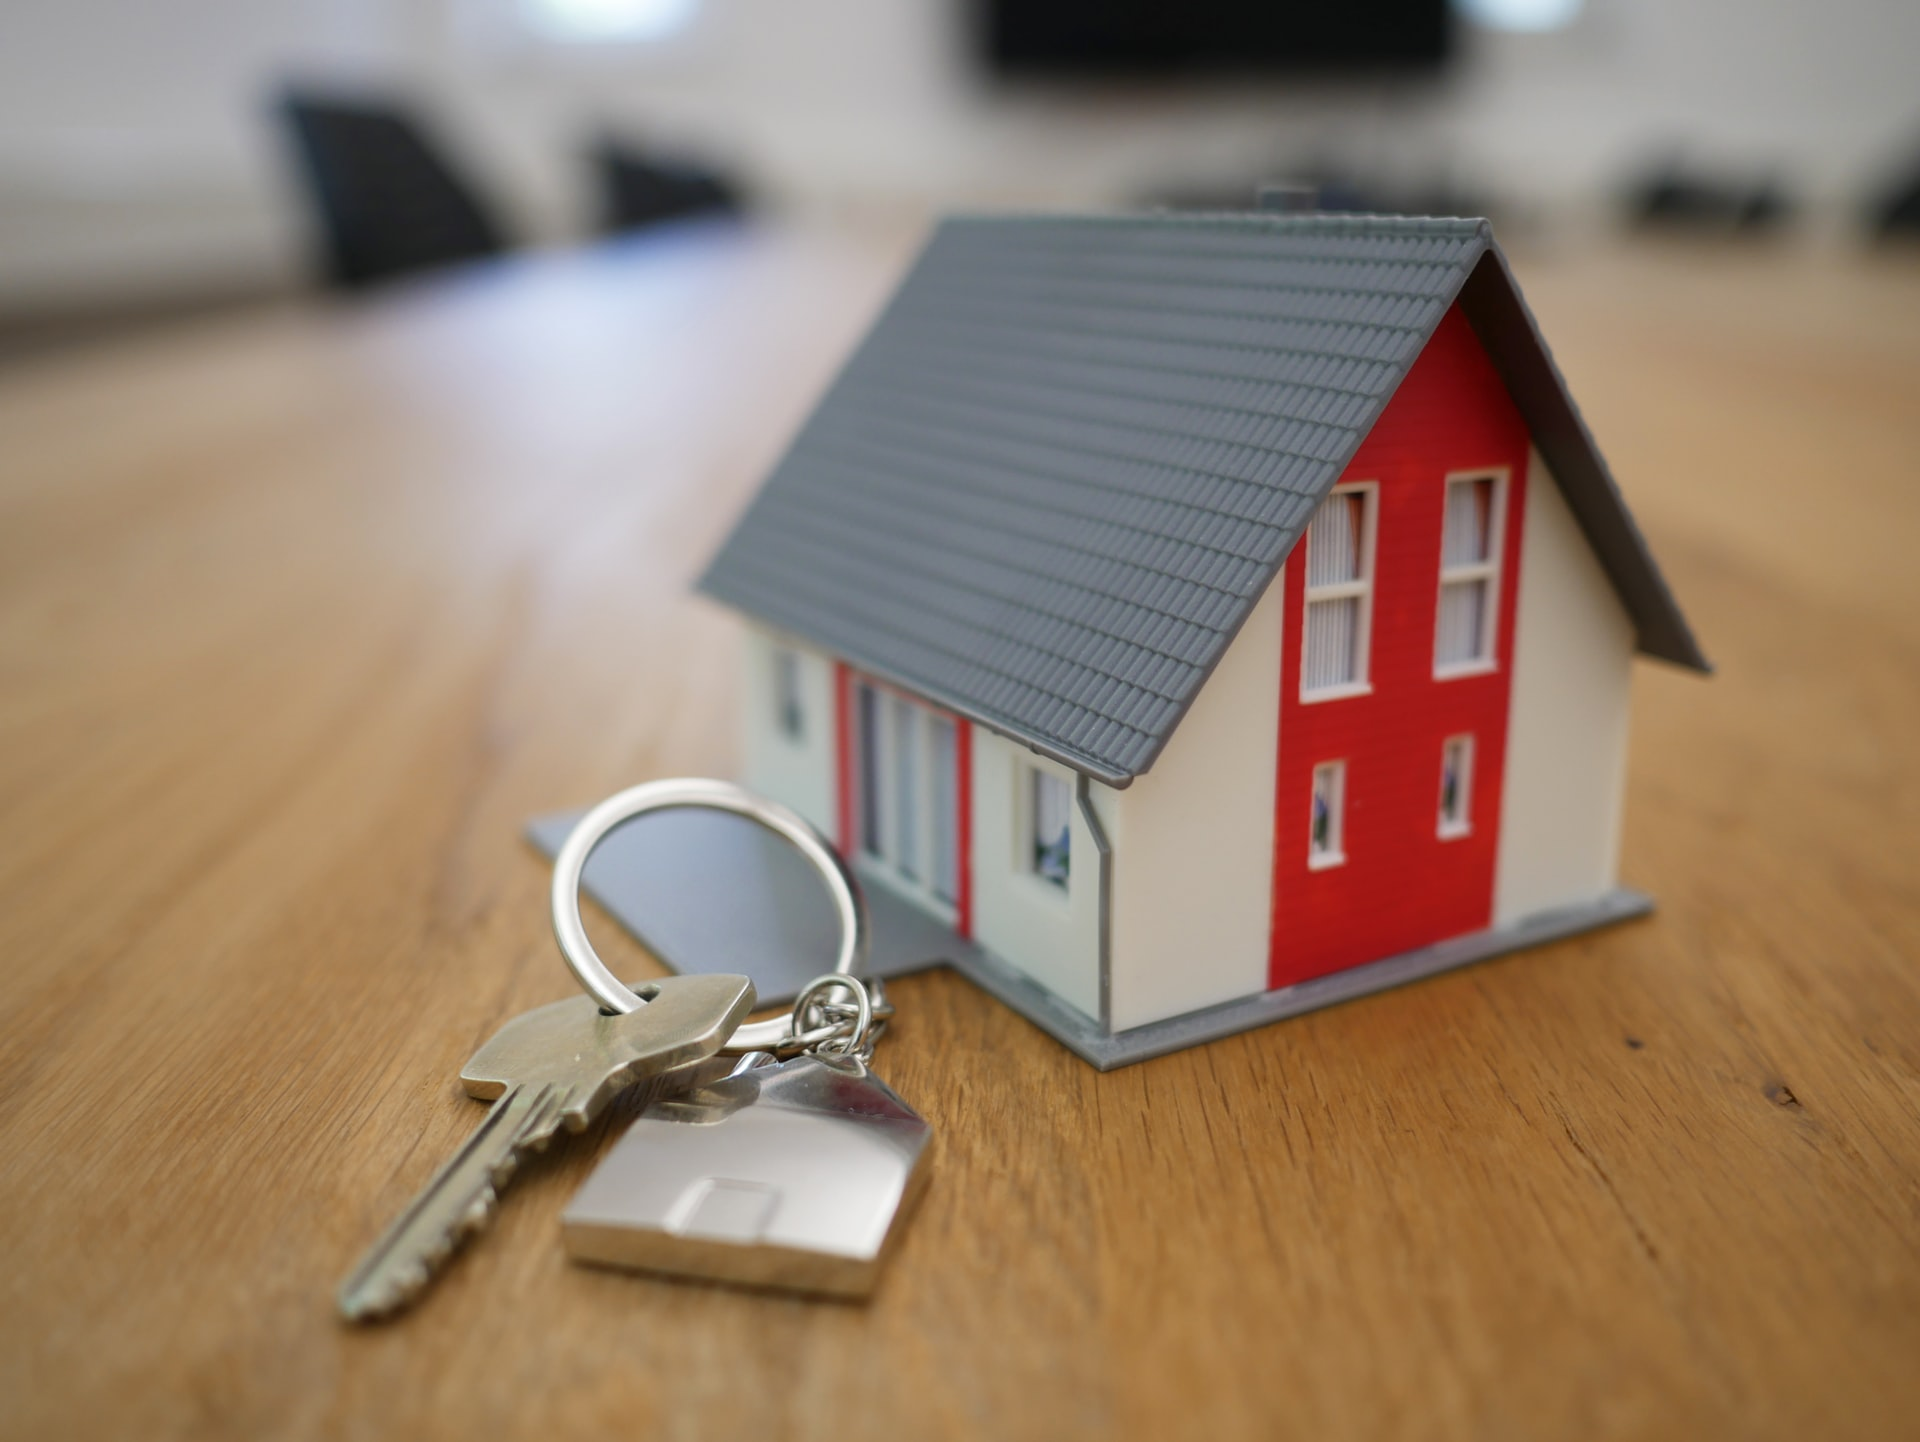 Gør hushandlen lidt mindre frygtindgydende